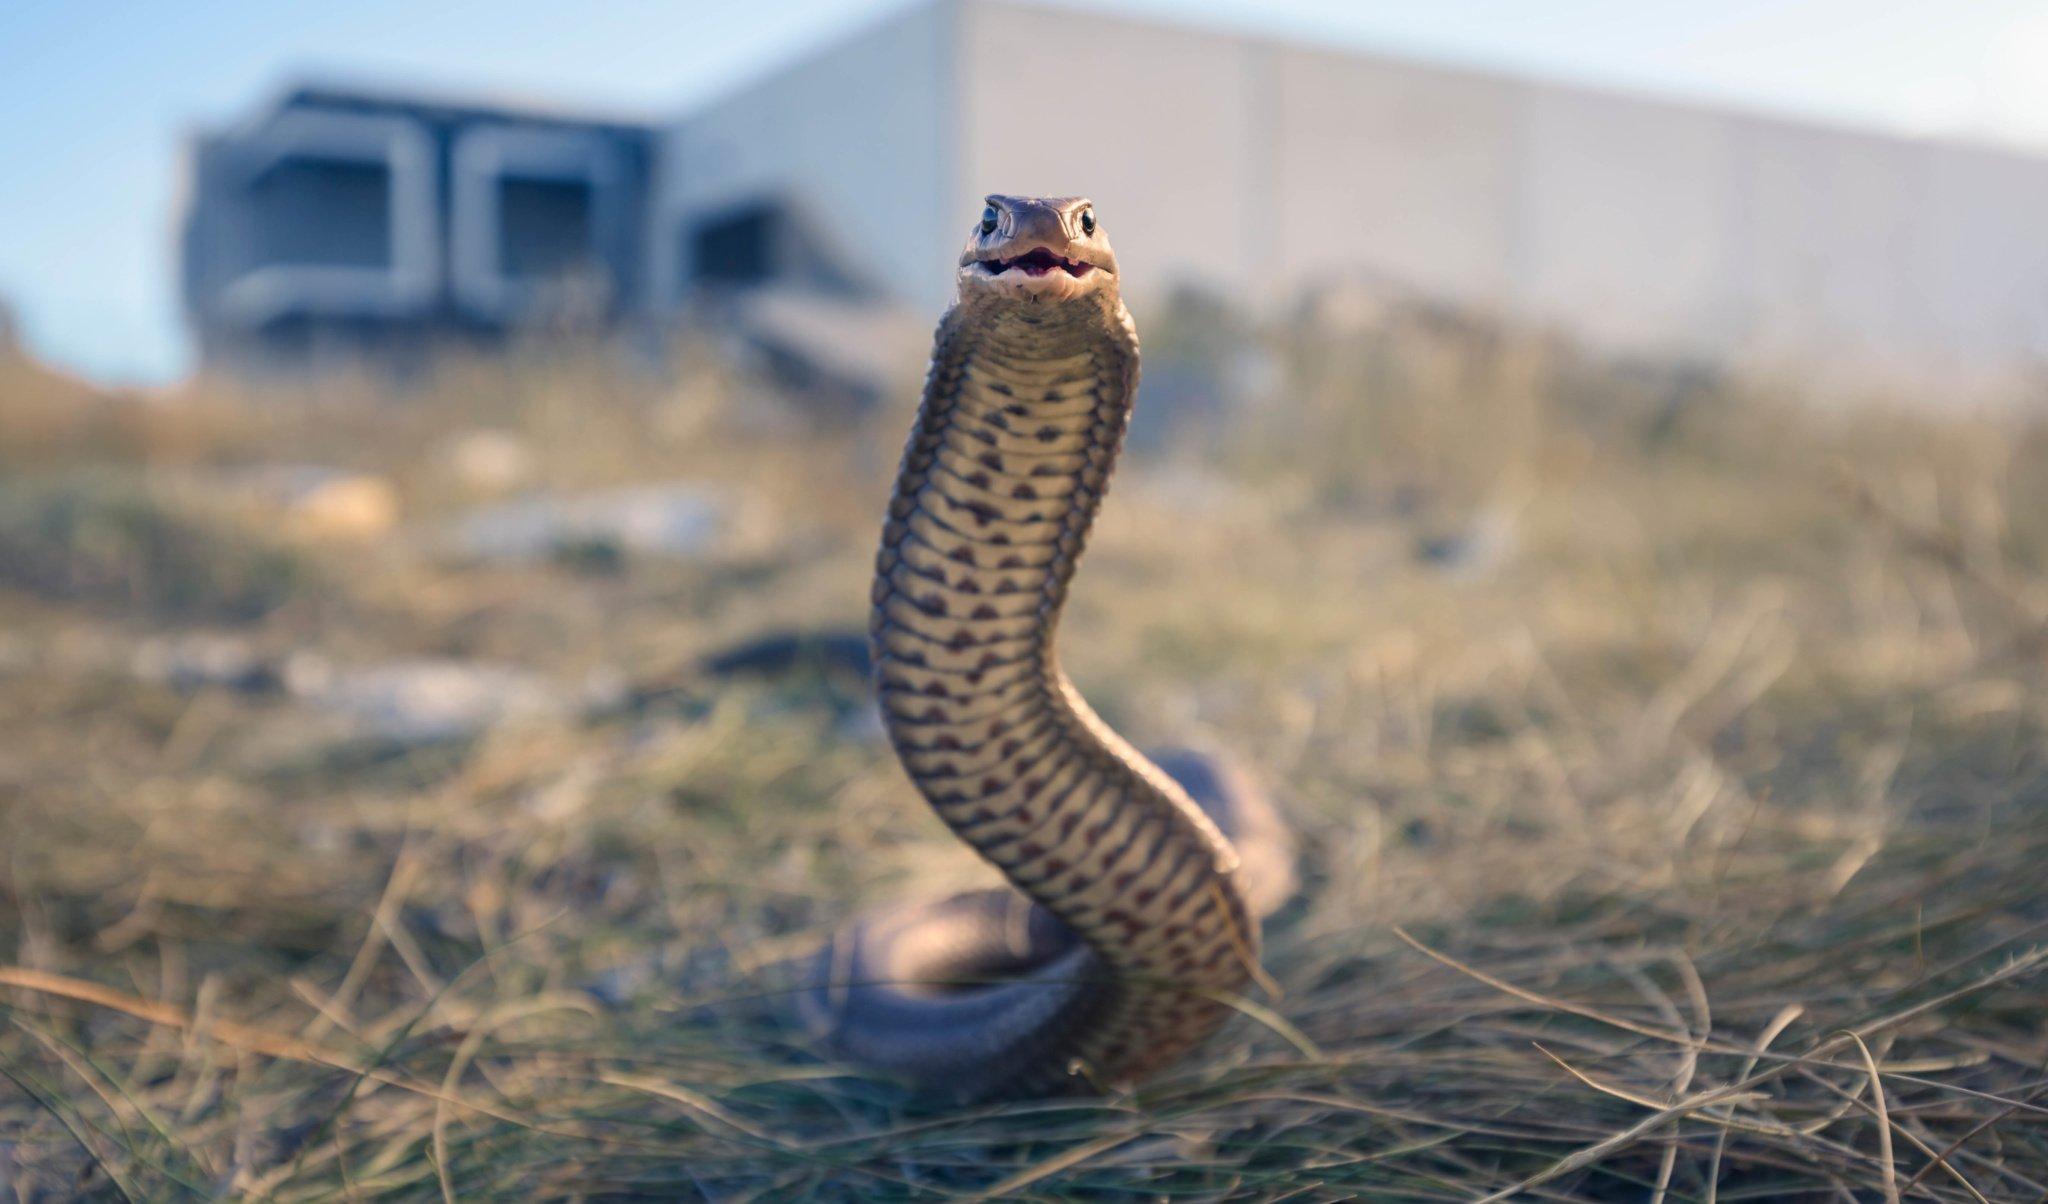 Australia's 10 most dangerous snakes